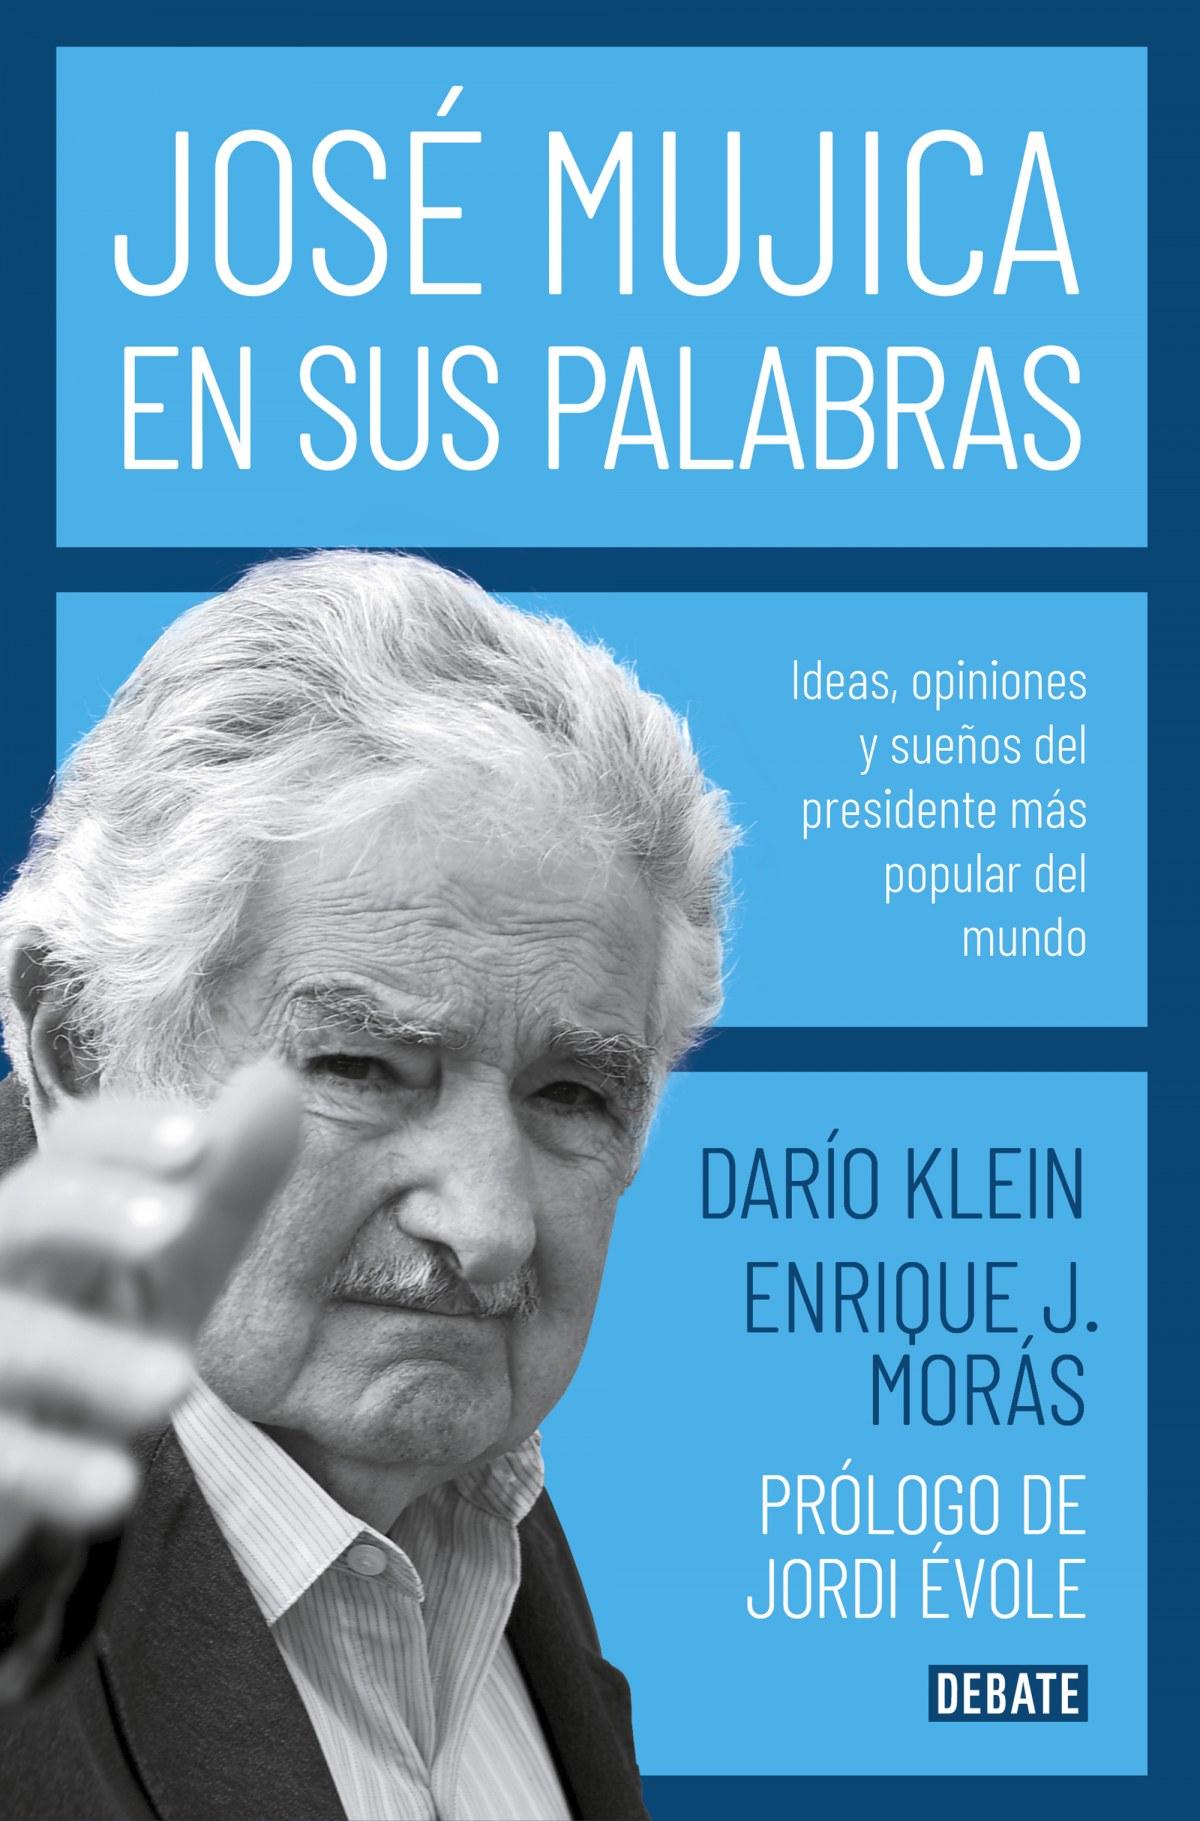 José Mujica en sus palabras 9788417636753